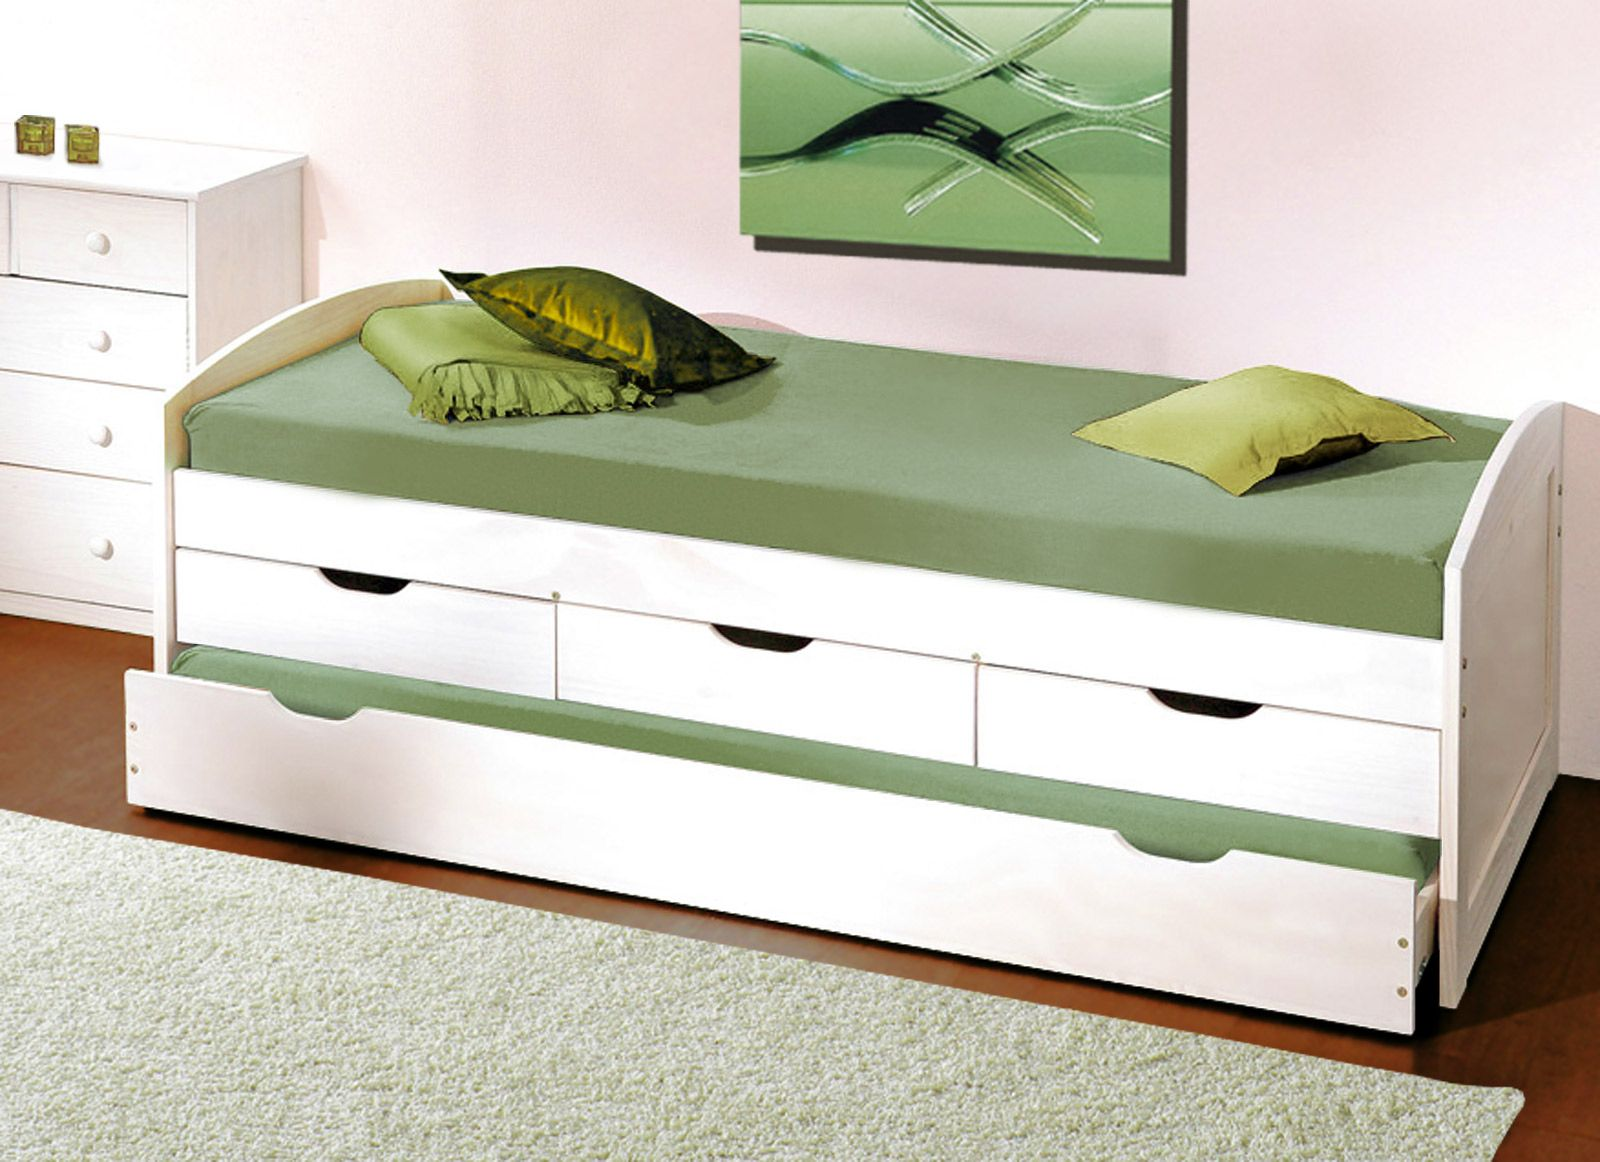 Einzelbett mit bettkasten ikea  Die besten 25+ Bett mit unterbett Ideen auf Pinterest | IKEA Malm ...